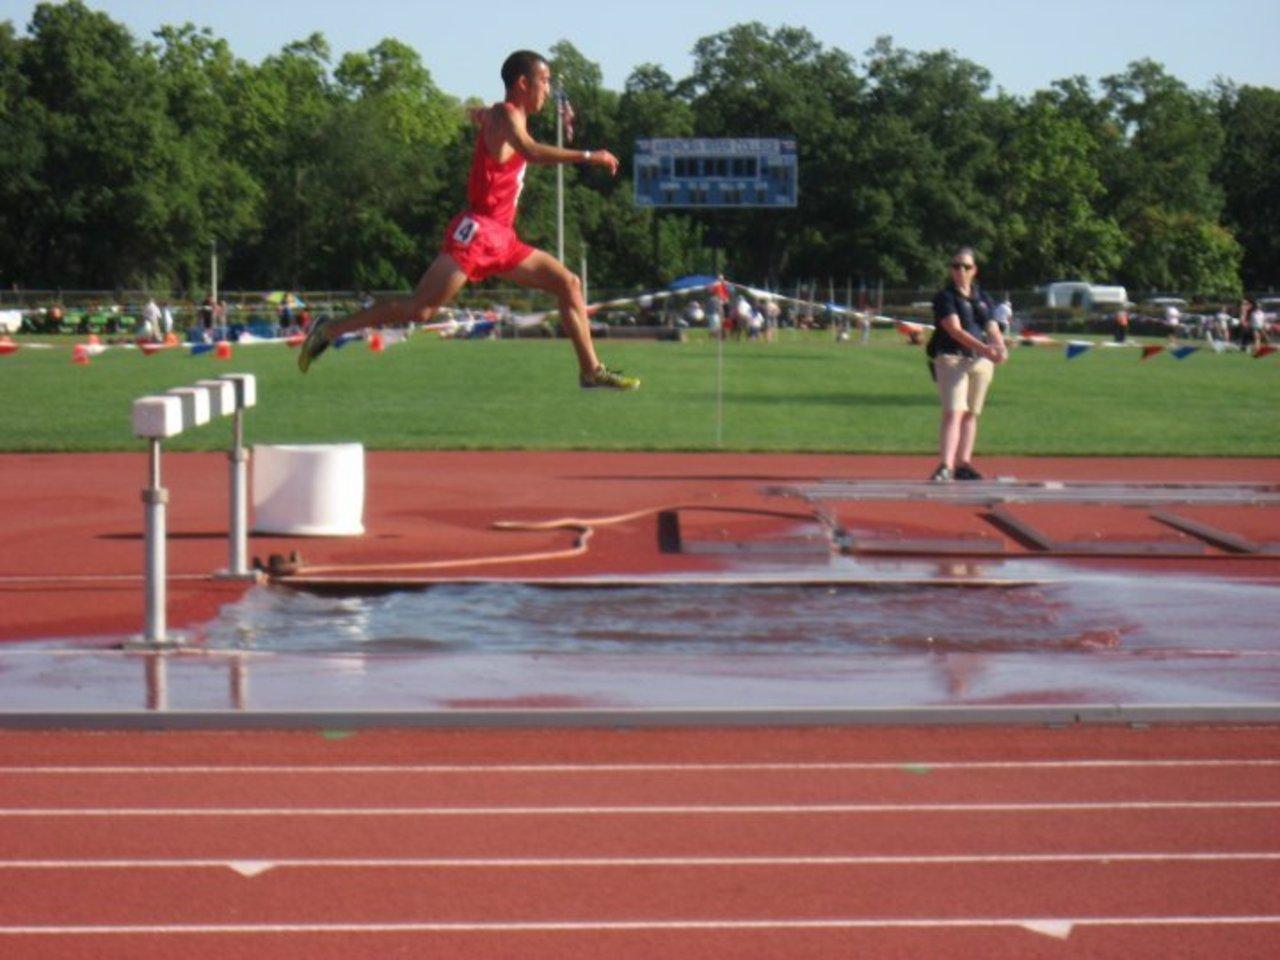 Ben hurdle